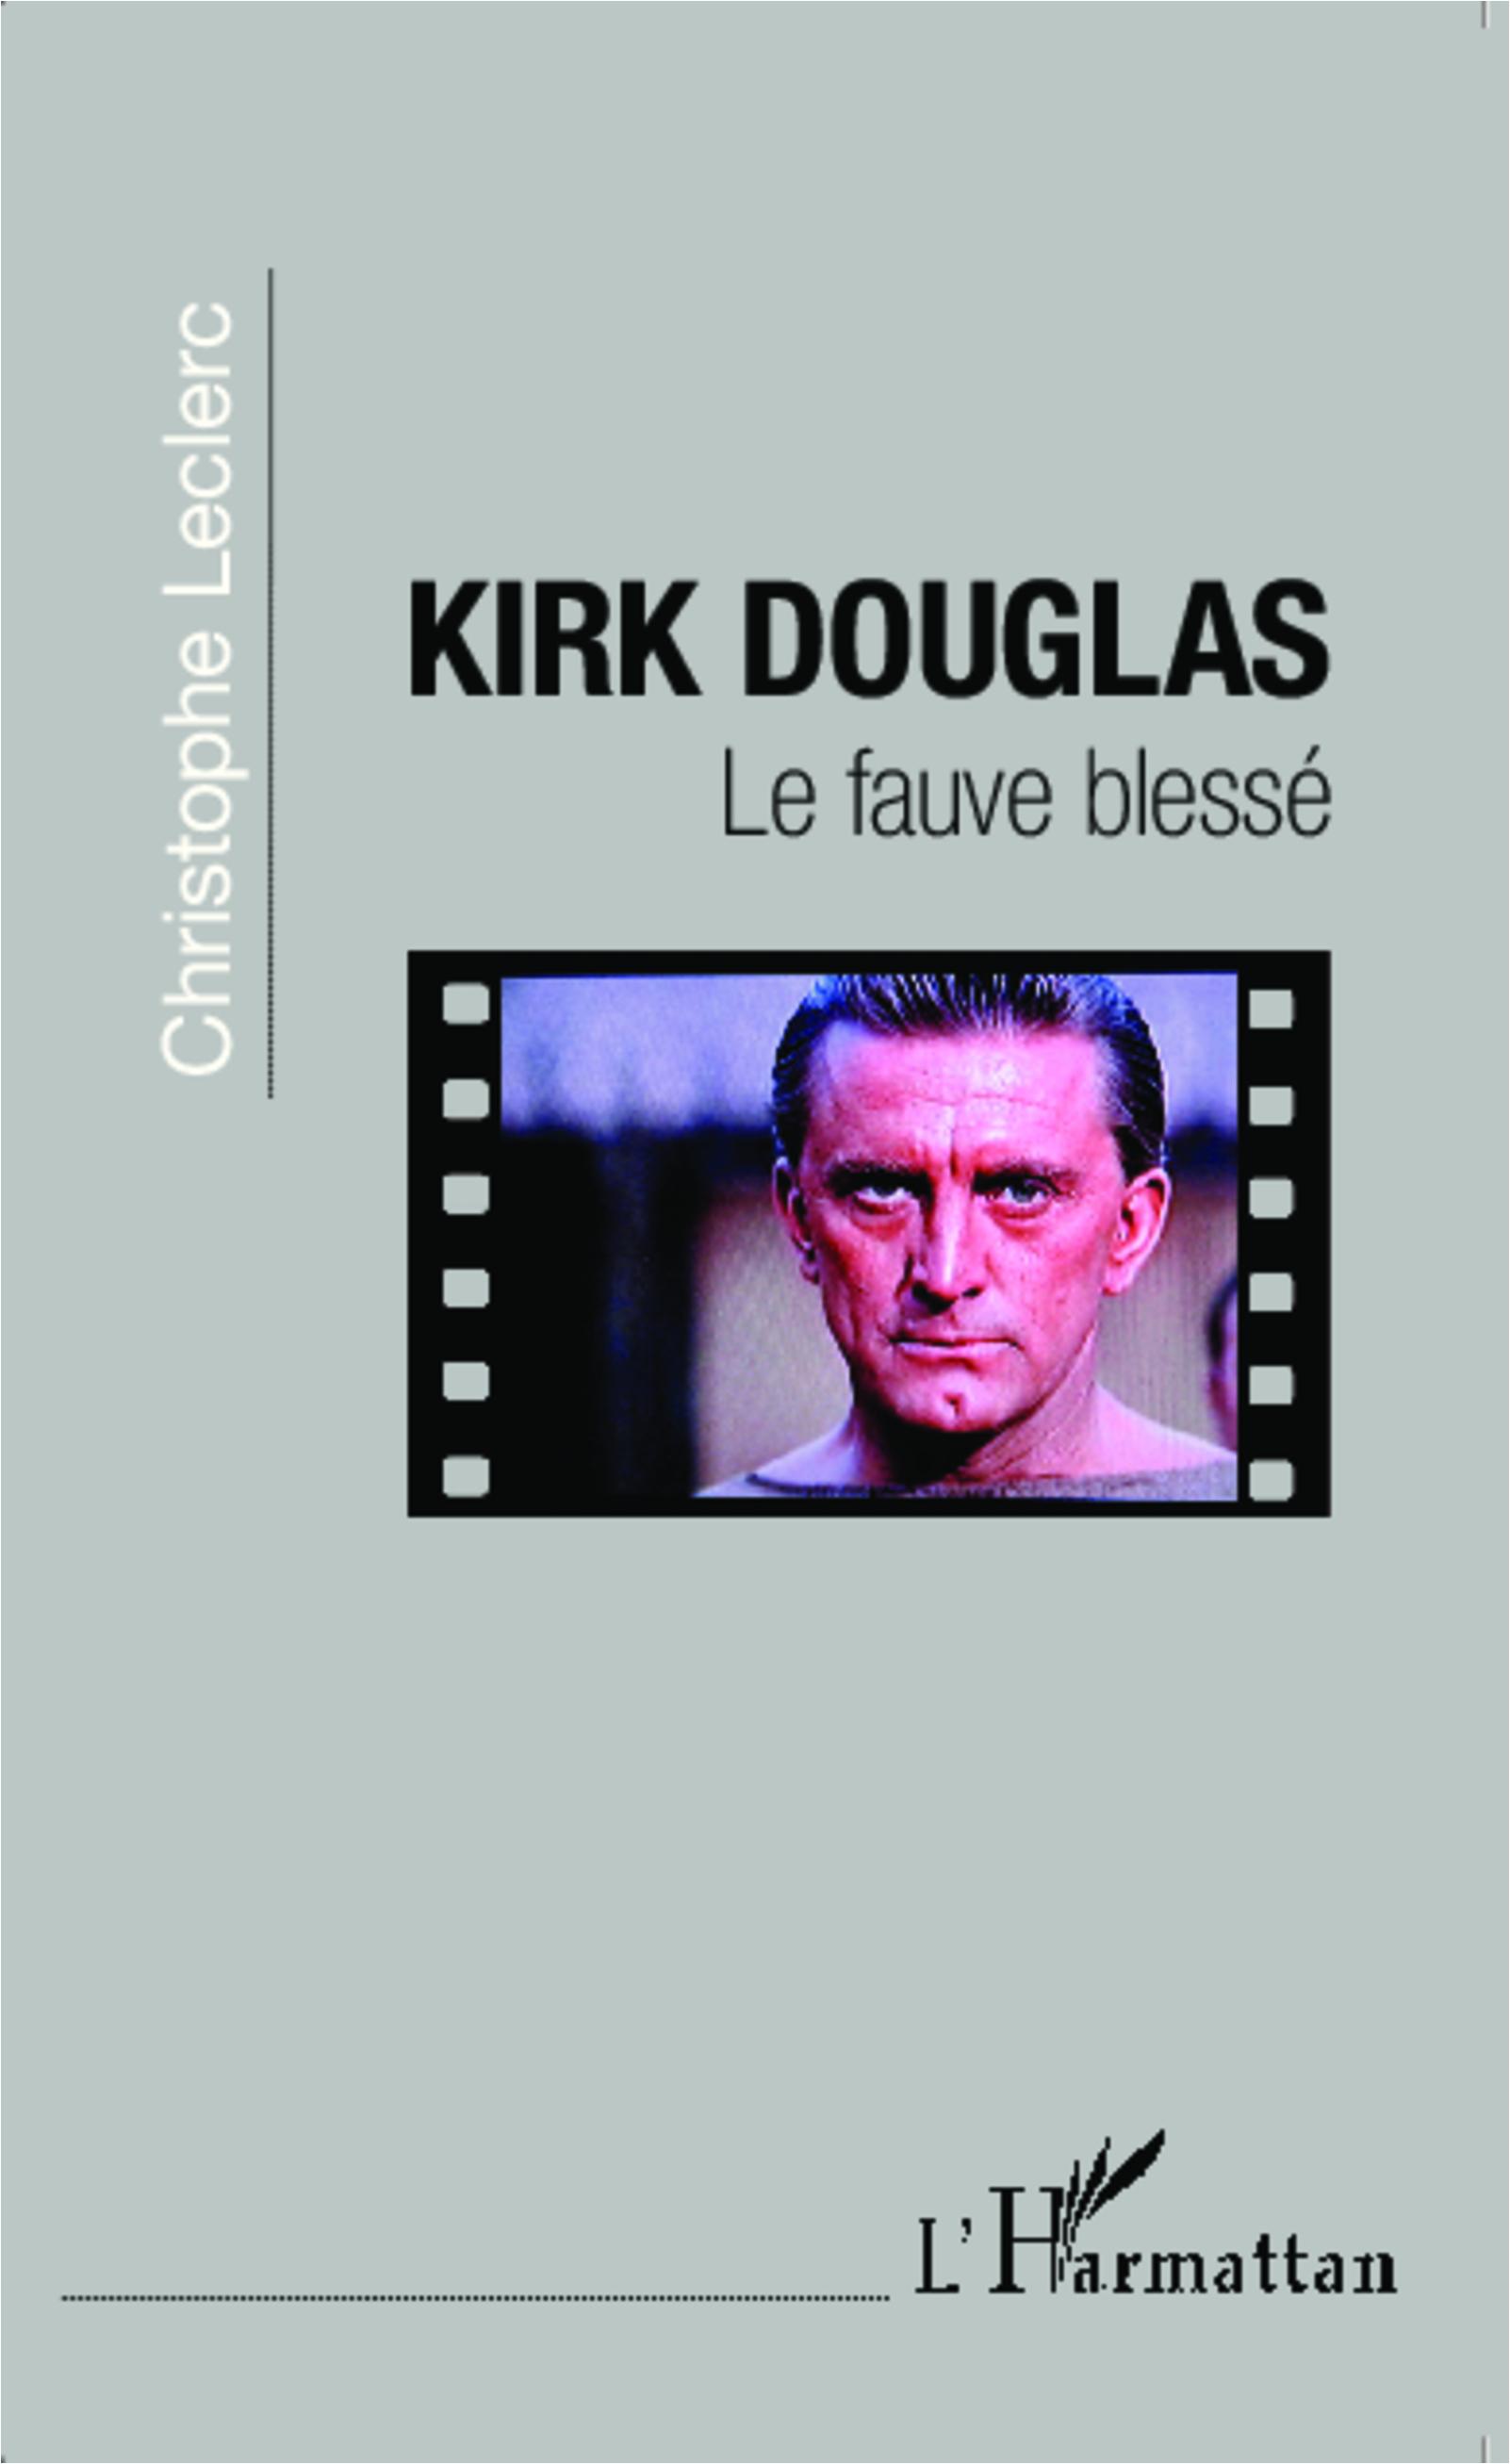 KIRK DOUGLAS LE FAUVE BLESSE